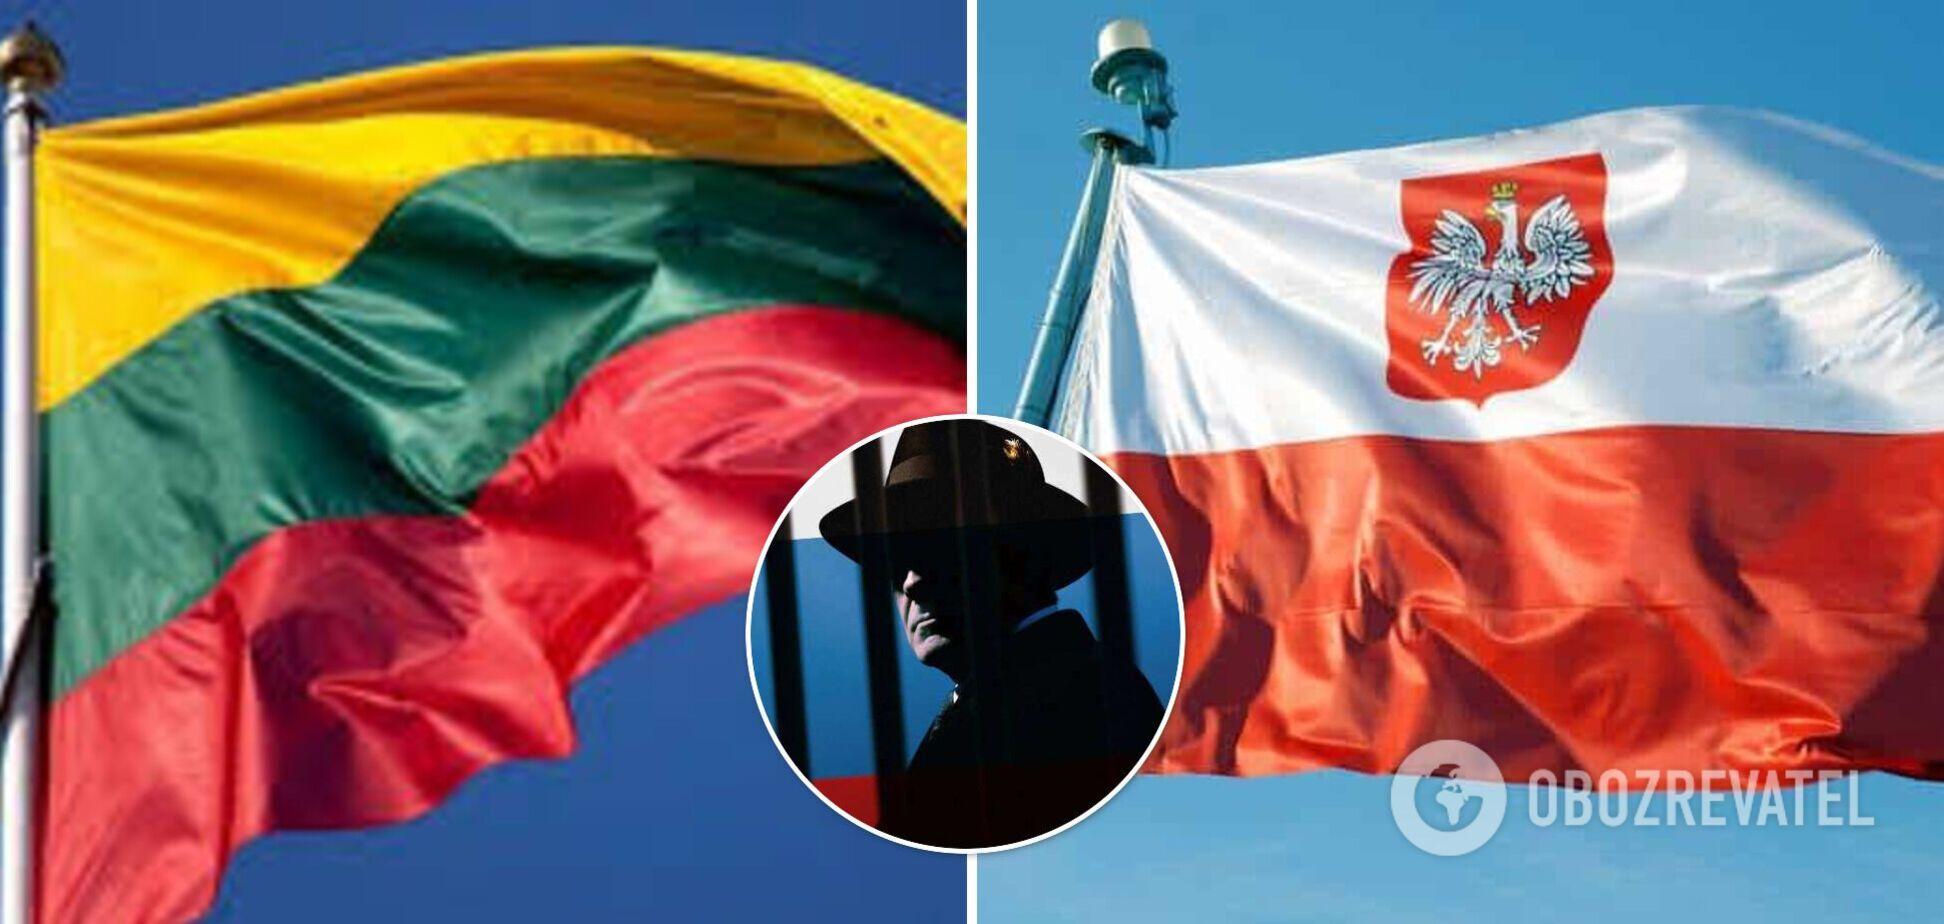 Литва і Польща заявили про виявлення російських шпигунів. Подробиці міжнародного скандалу